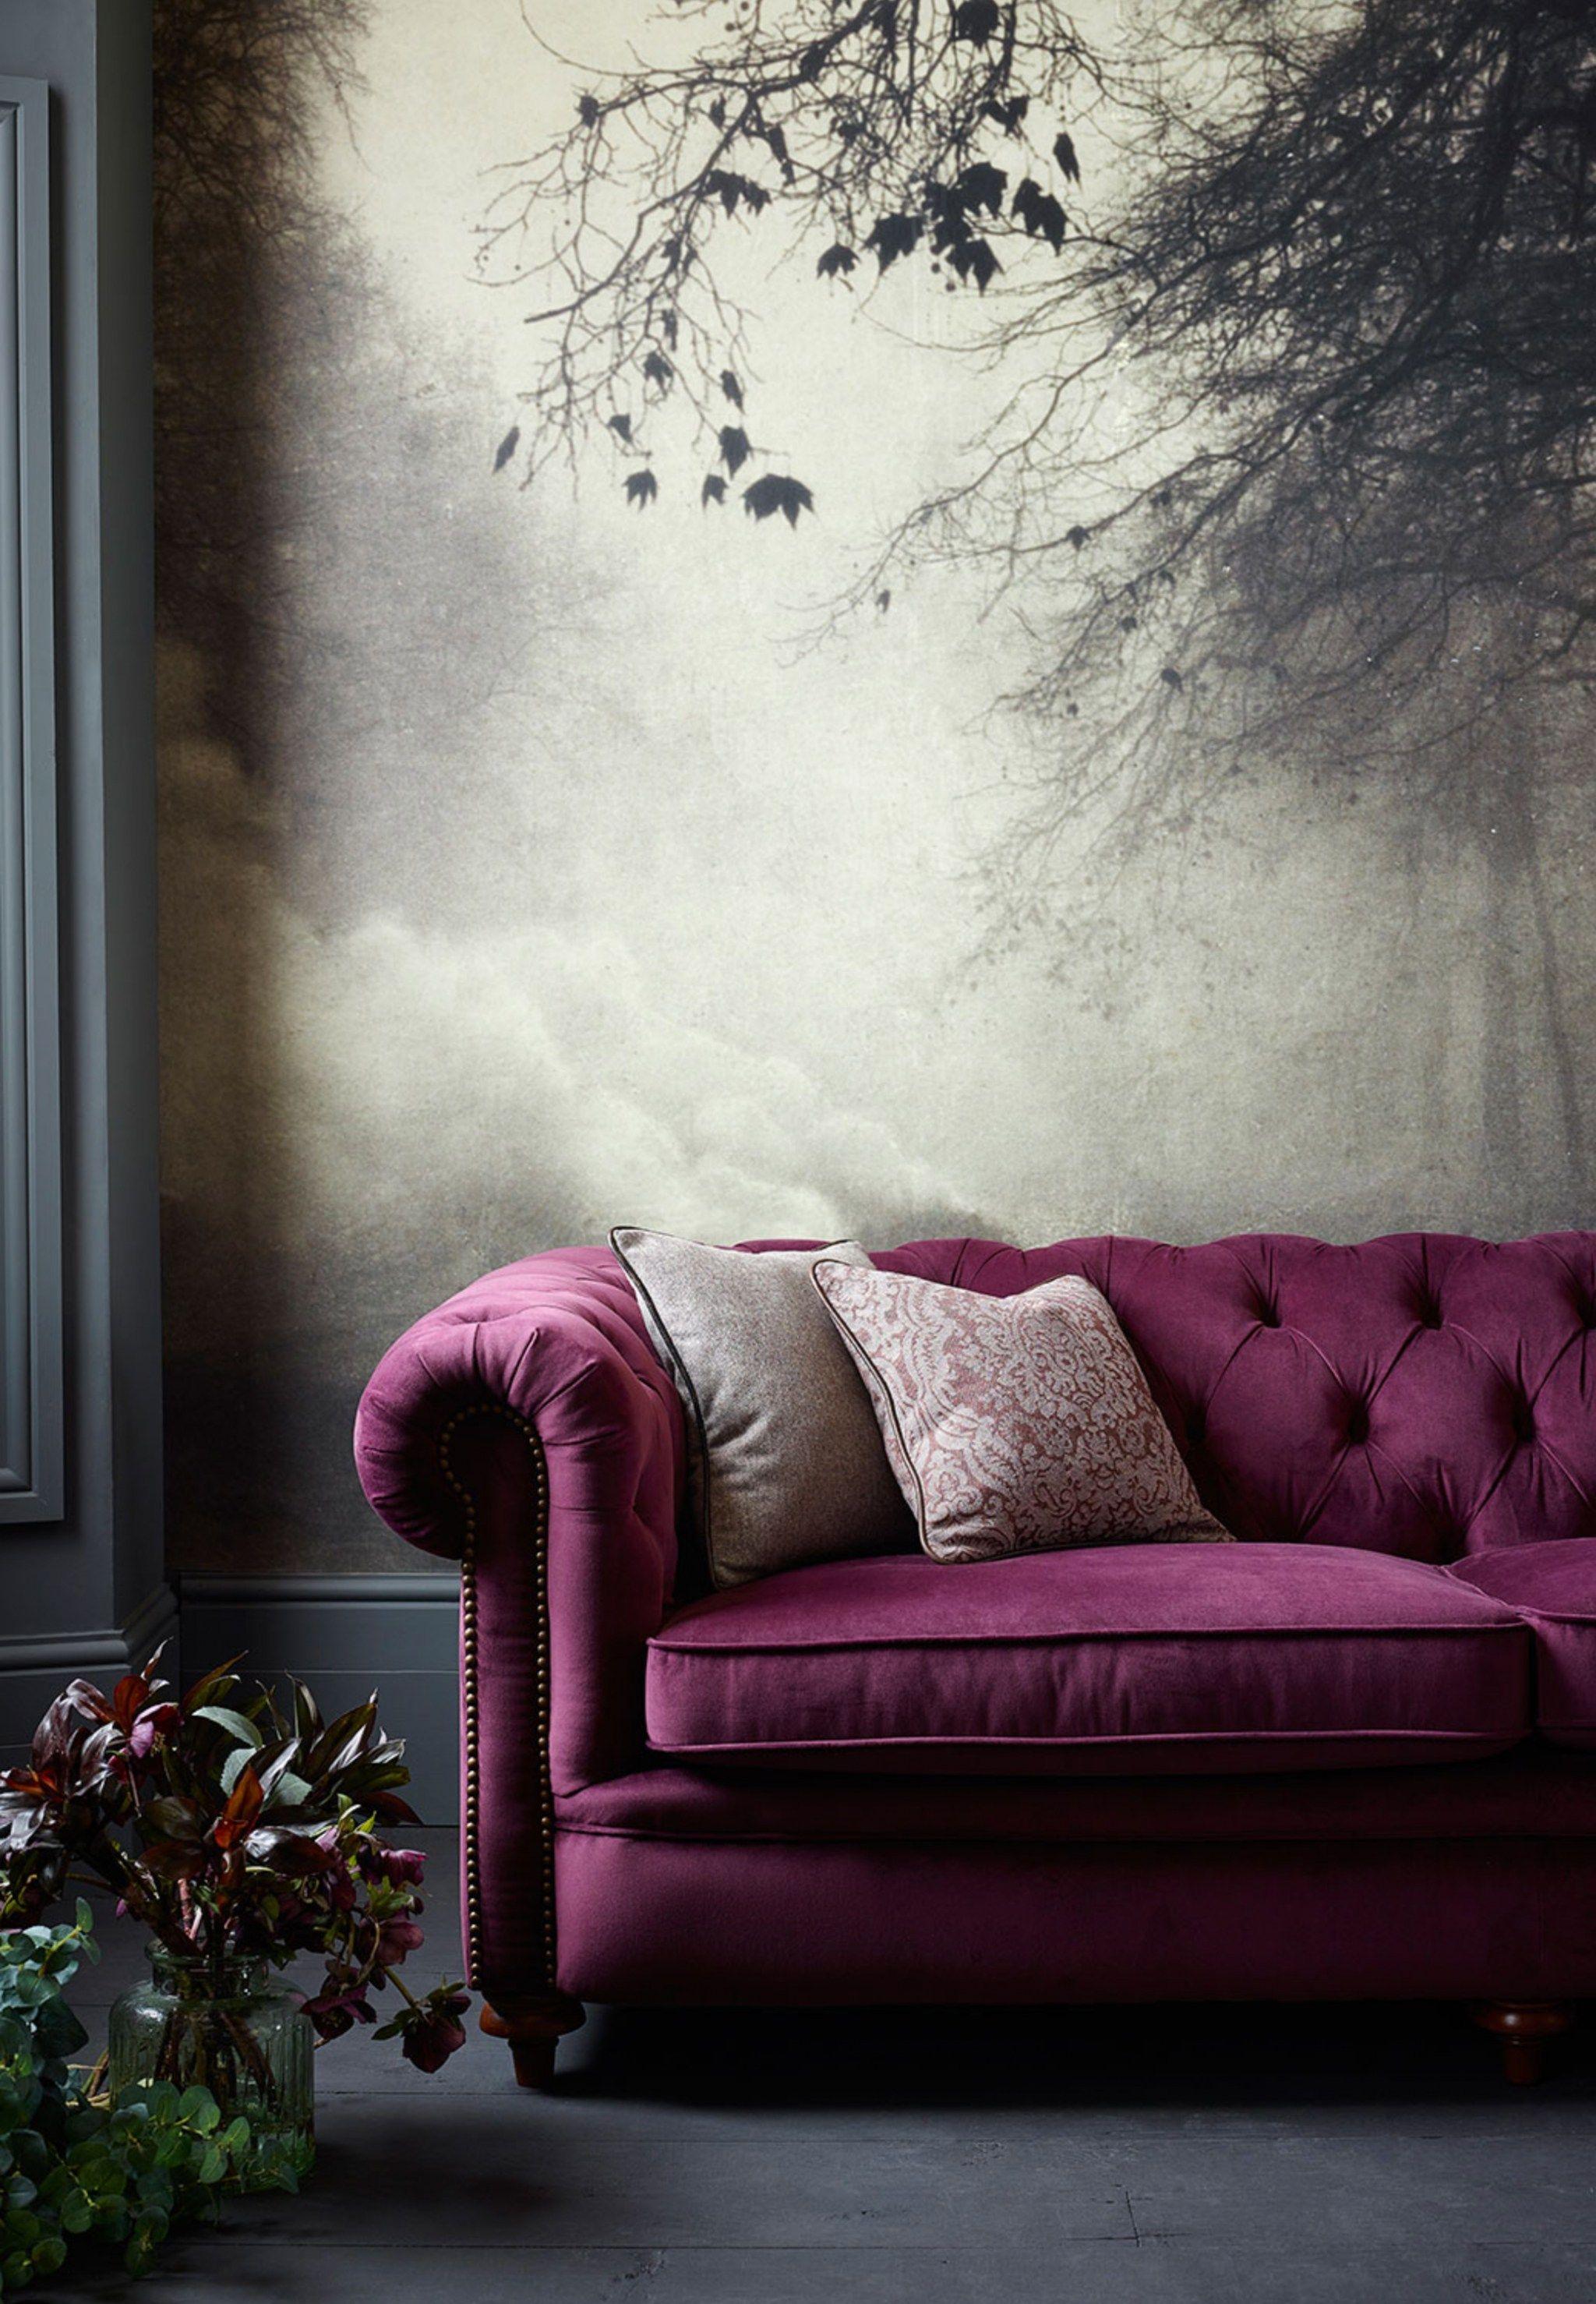 velvet chesterfield sofa interiors furniture home decor i like